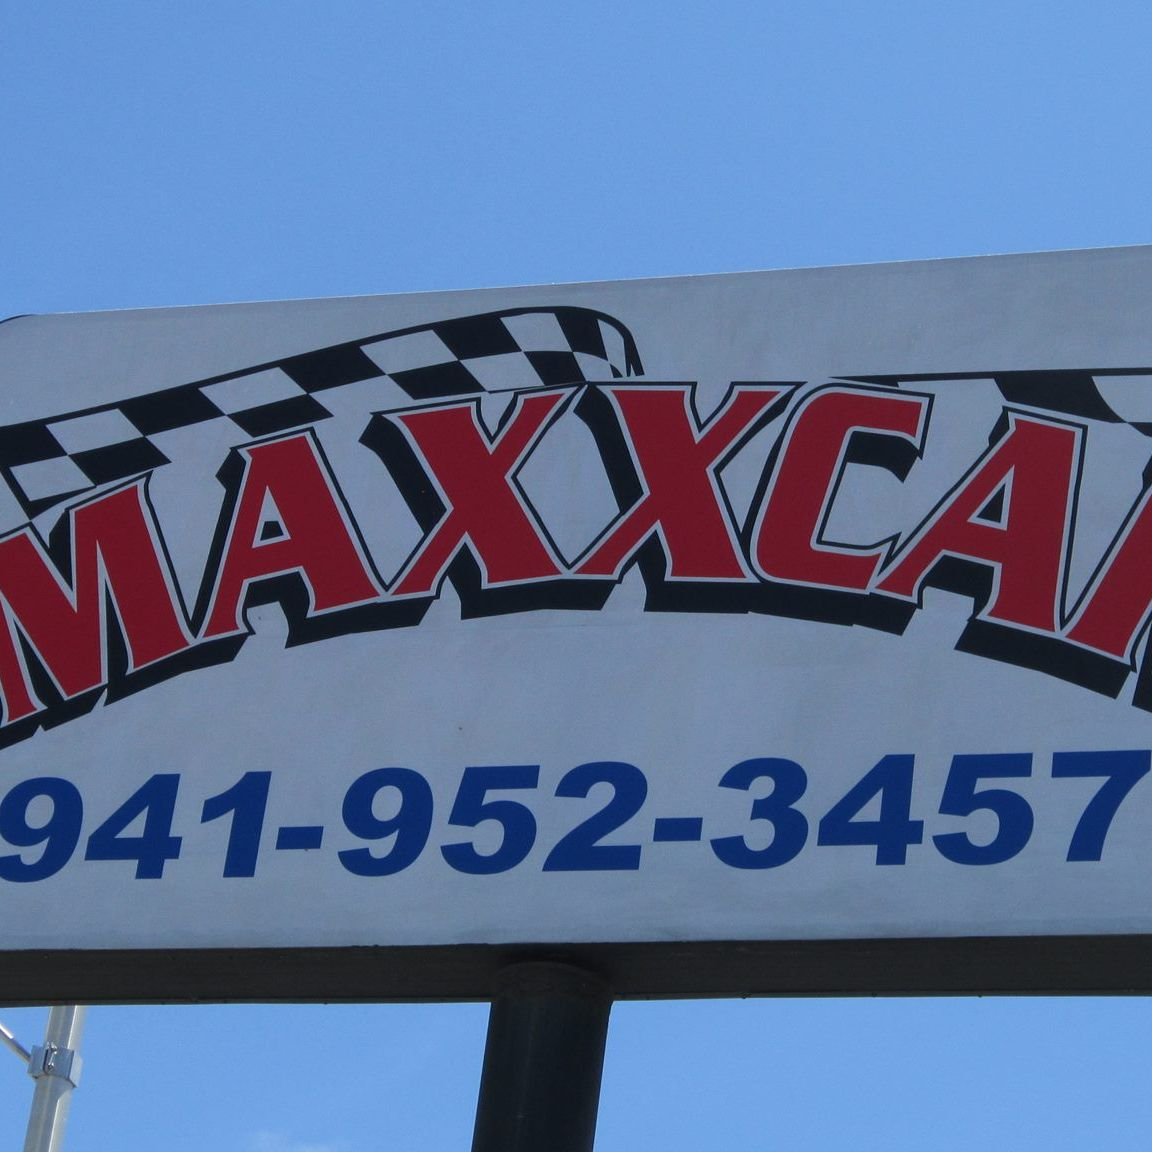 Maxxcar